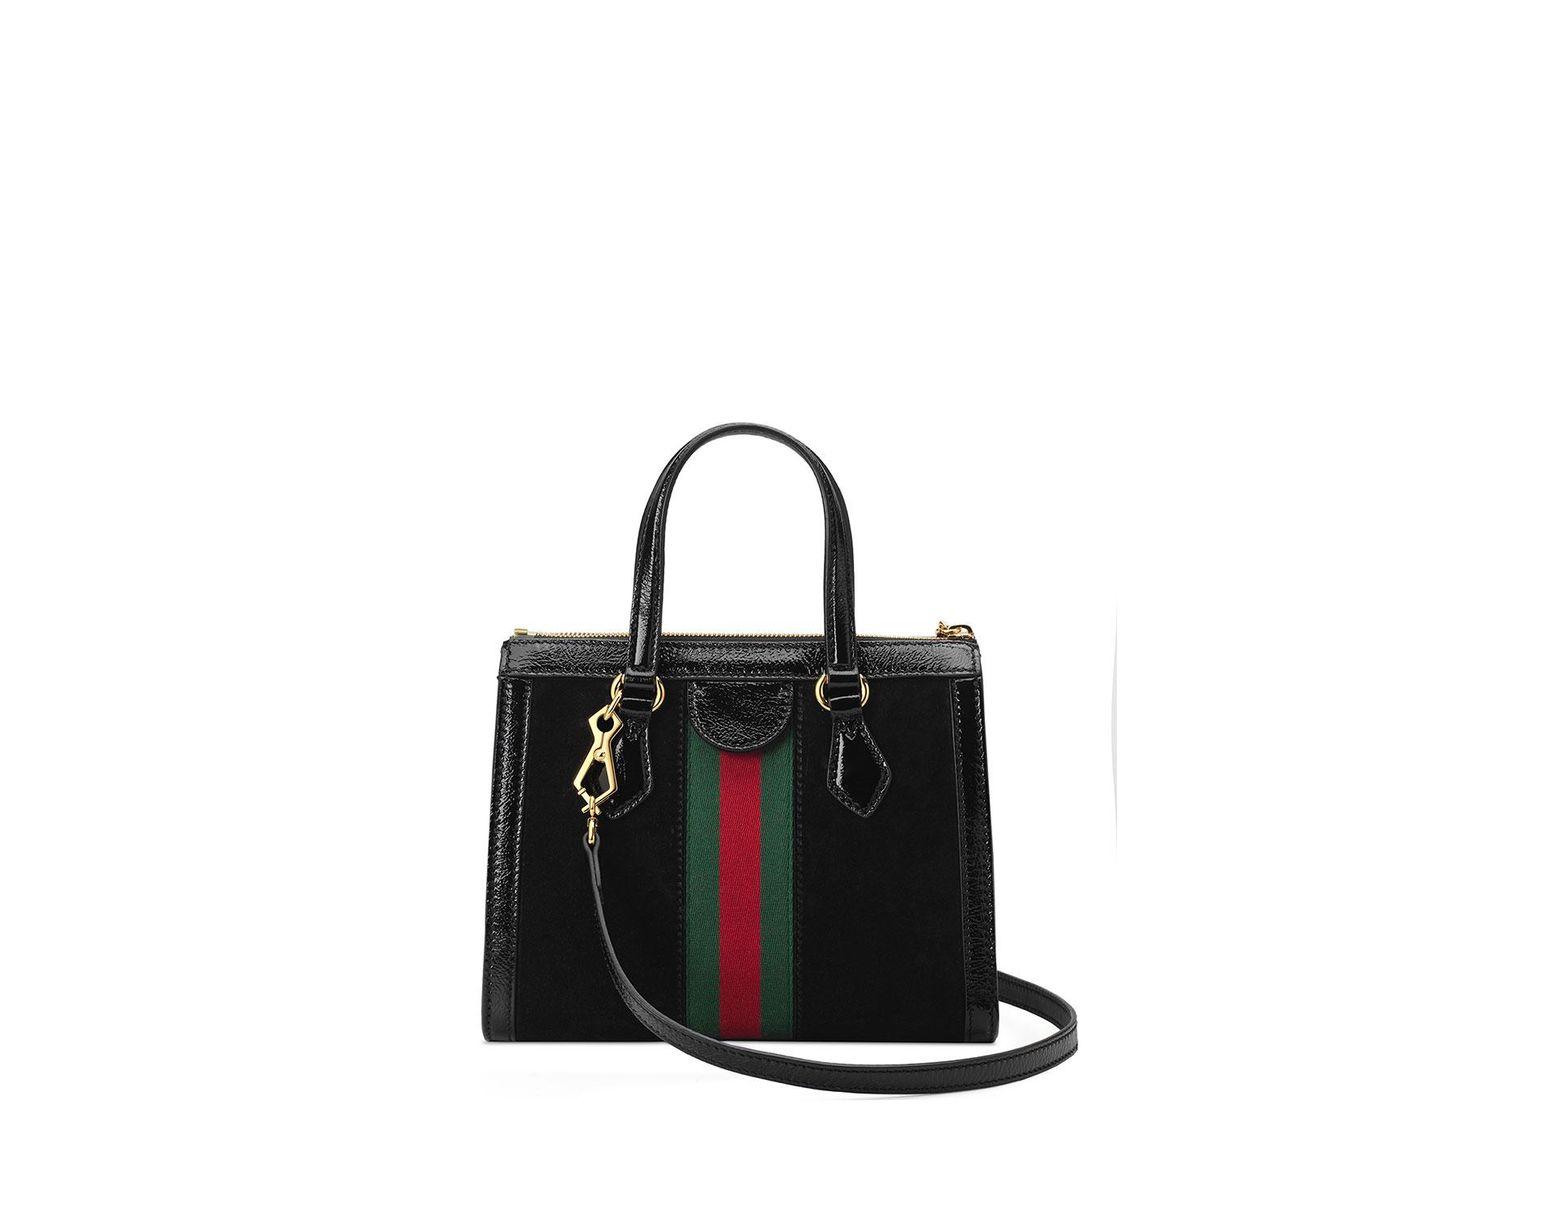 bae6a39e4bbe Gucci Ophidia Small Tote Bag in Black - Lyst